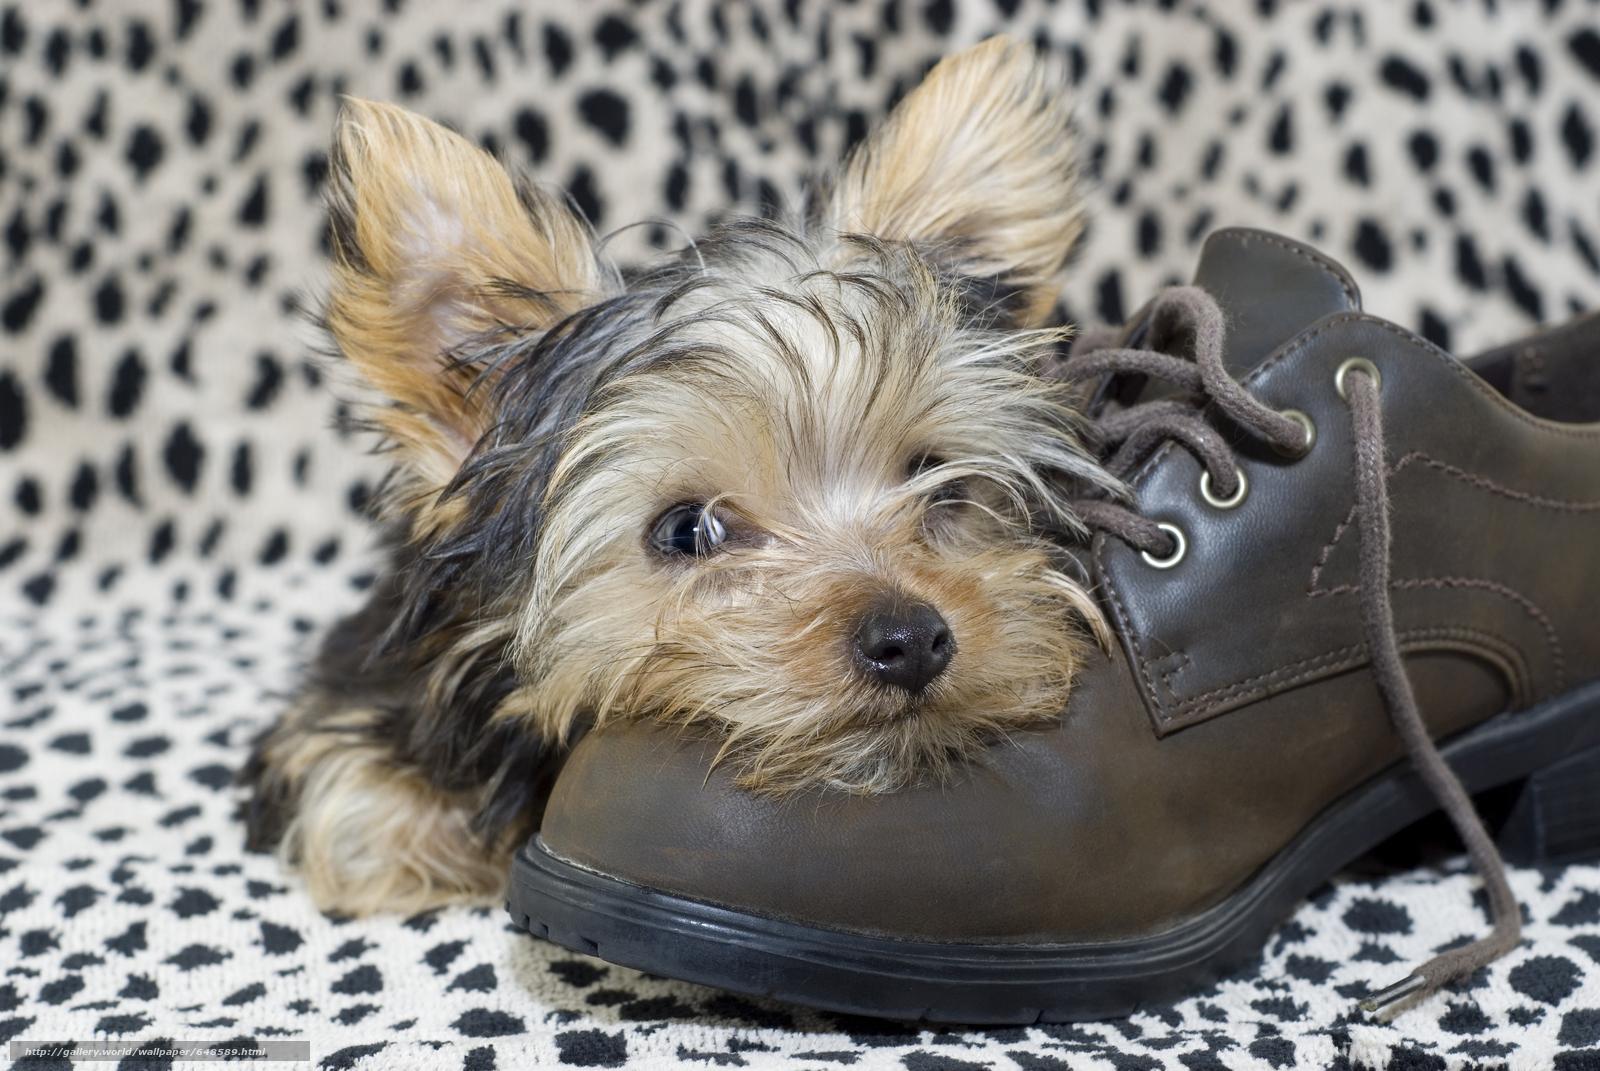 Скачать обои собаки,  собака,  щенок,  щенки бесплатно для рабочего стола в разрешении 7744x5184 — картинка №648589